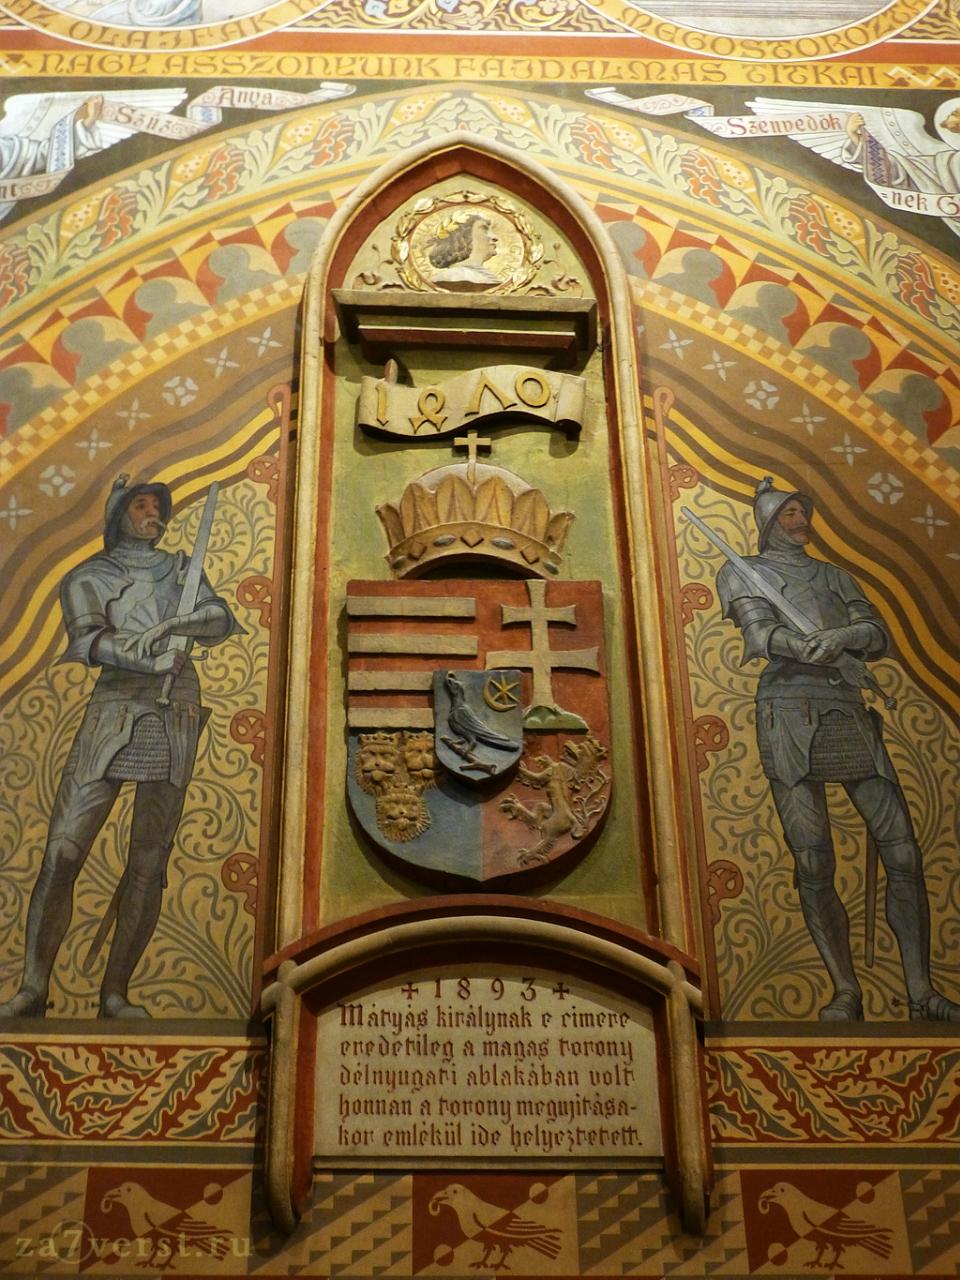 Собор Святого Матяша, Будапешт, Венгрия